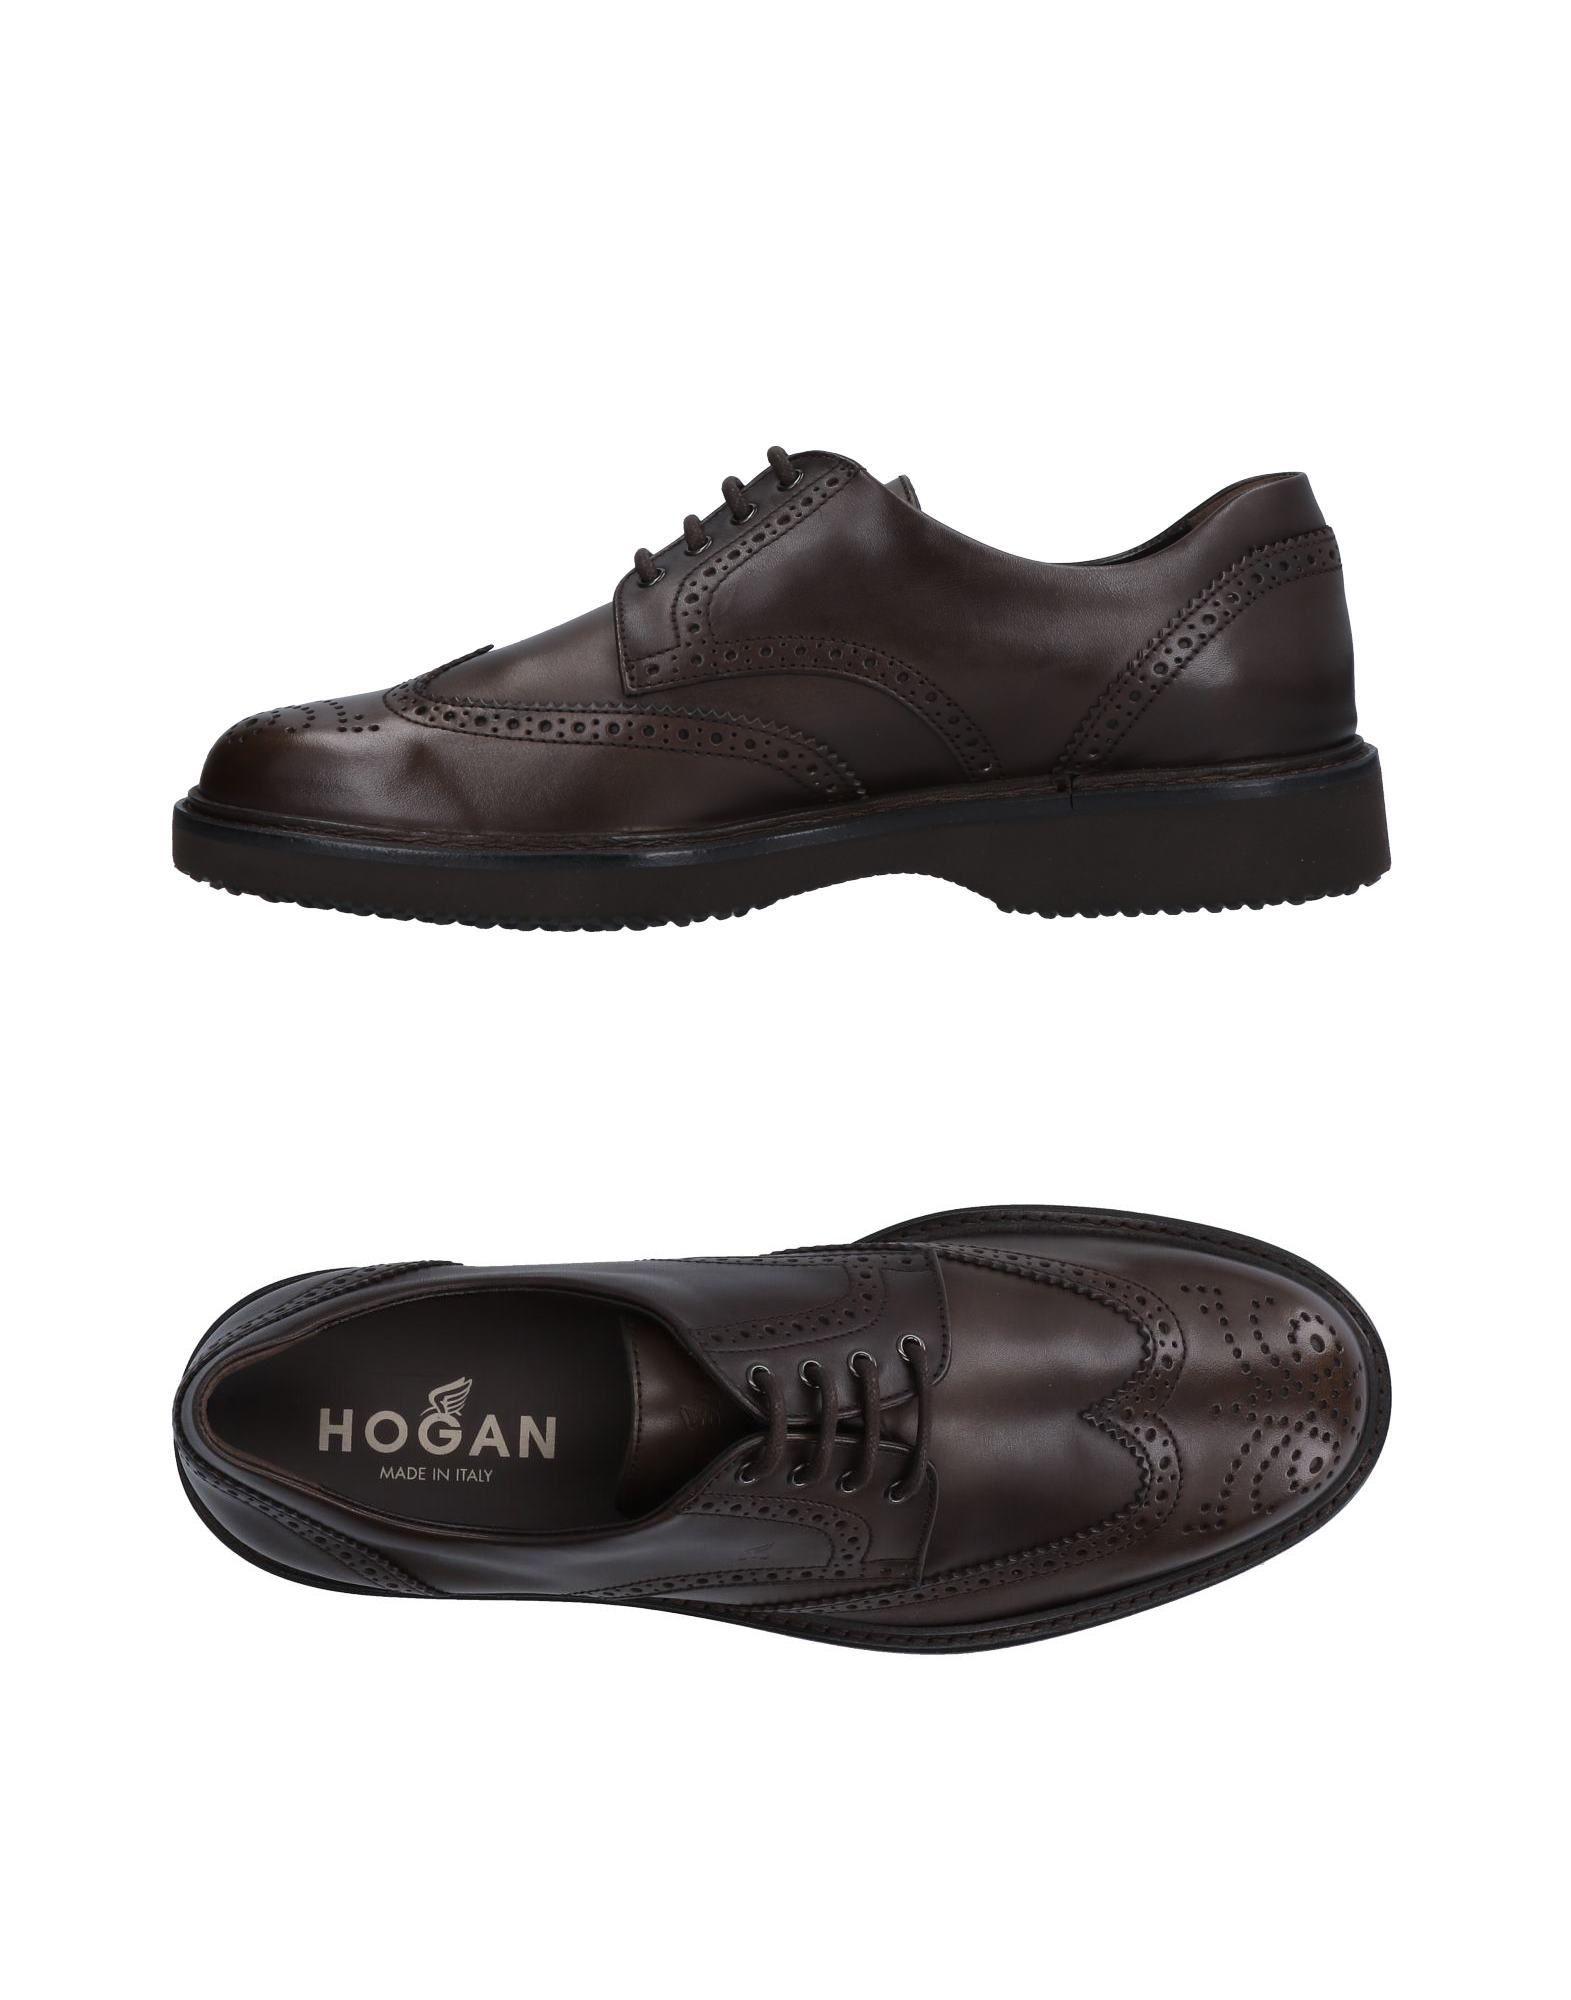 A buon mercato Stringate Hogan Uomo - 11516082GB